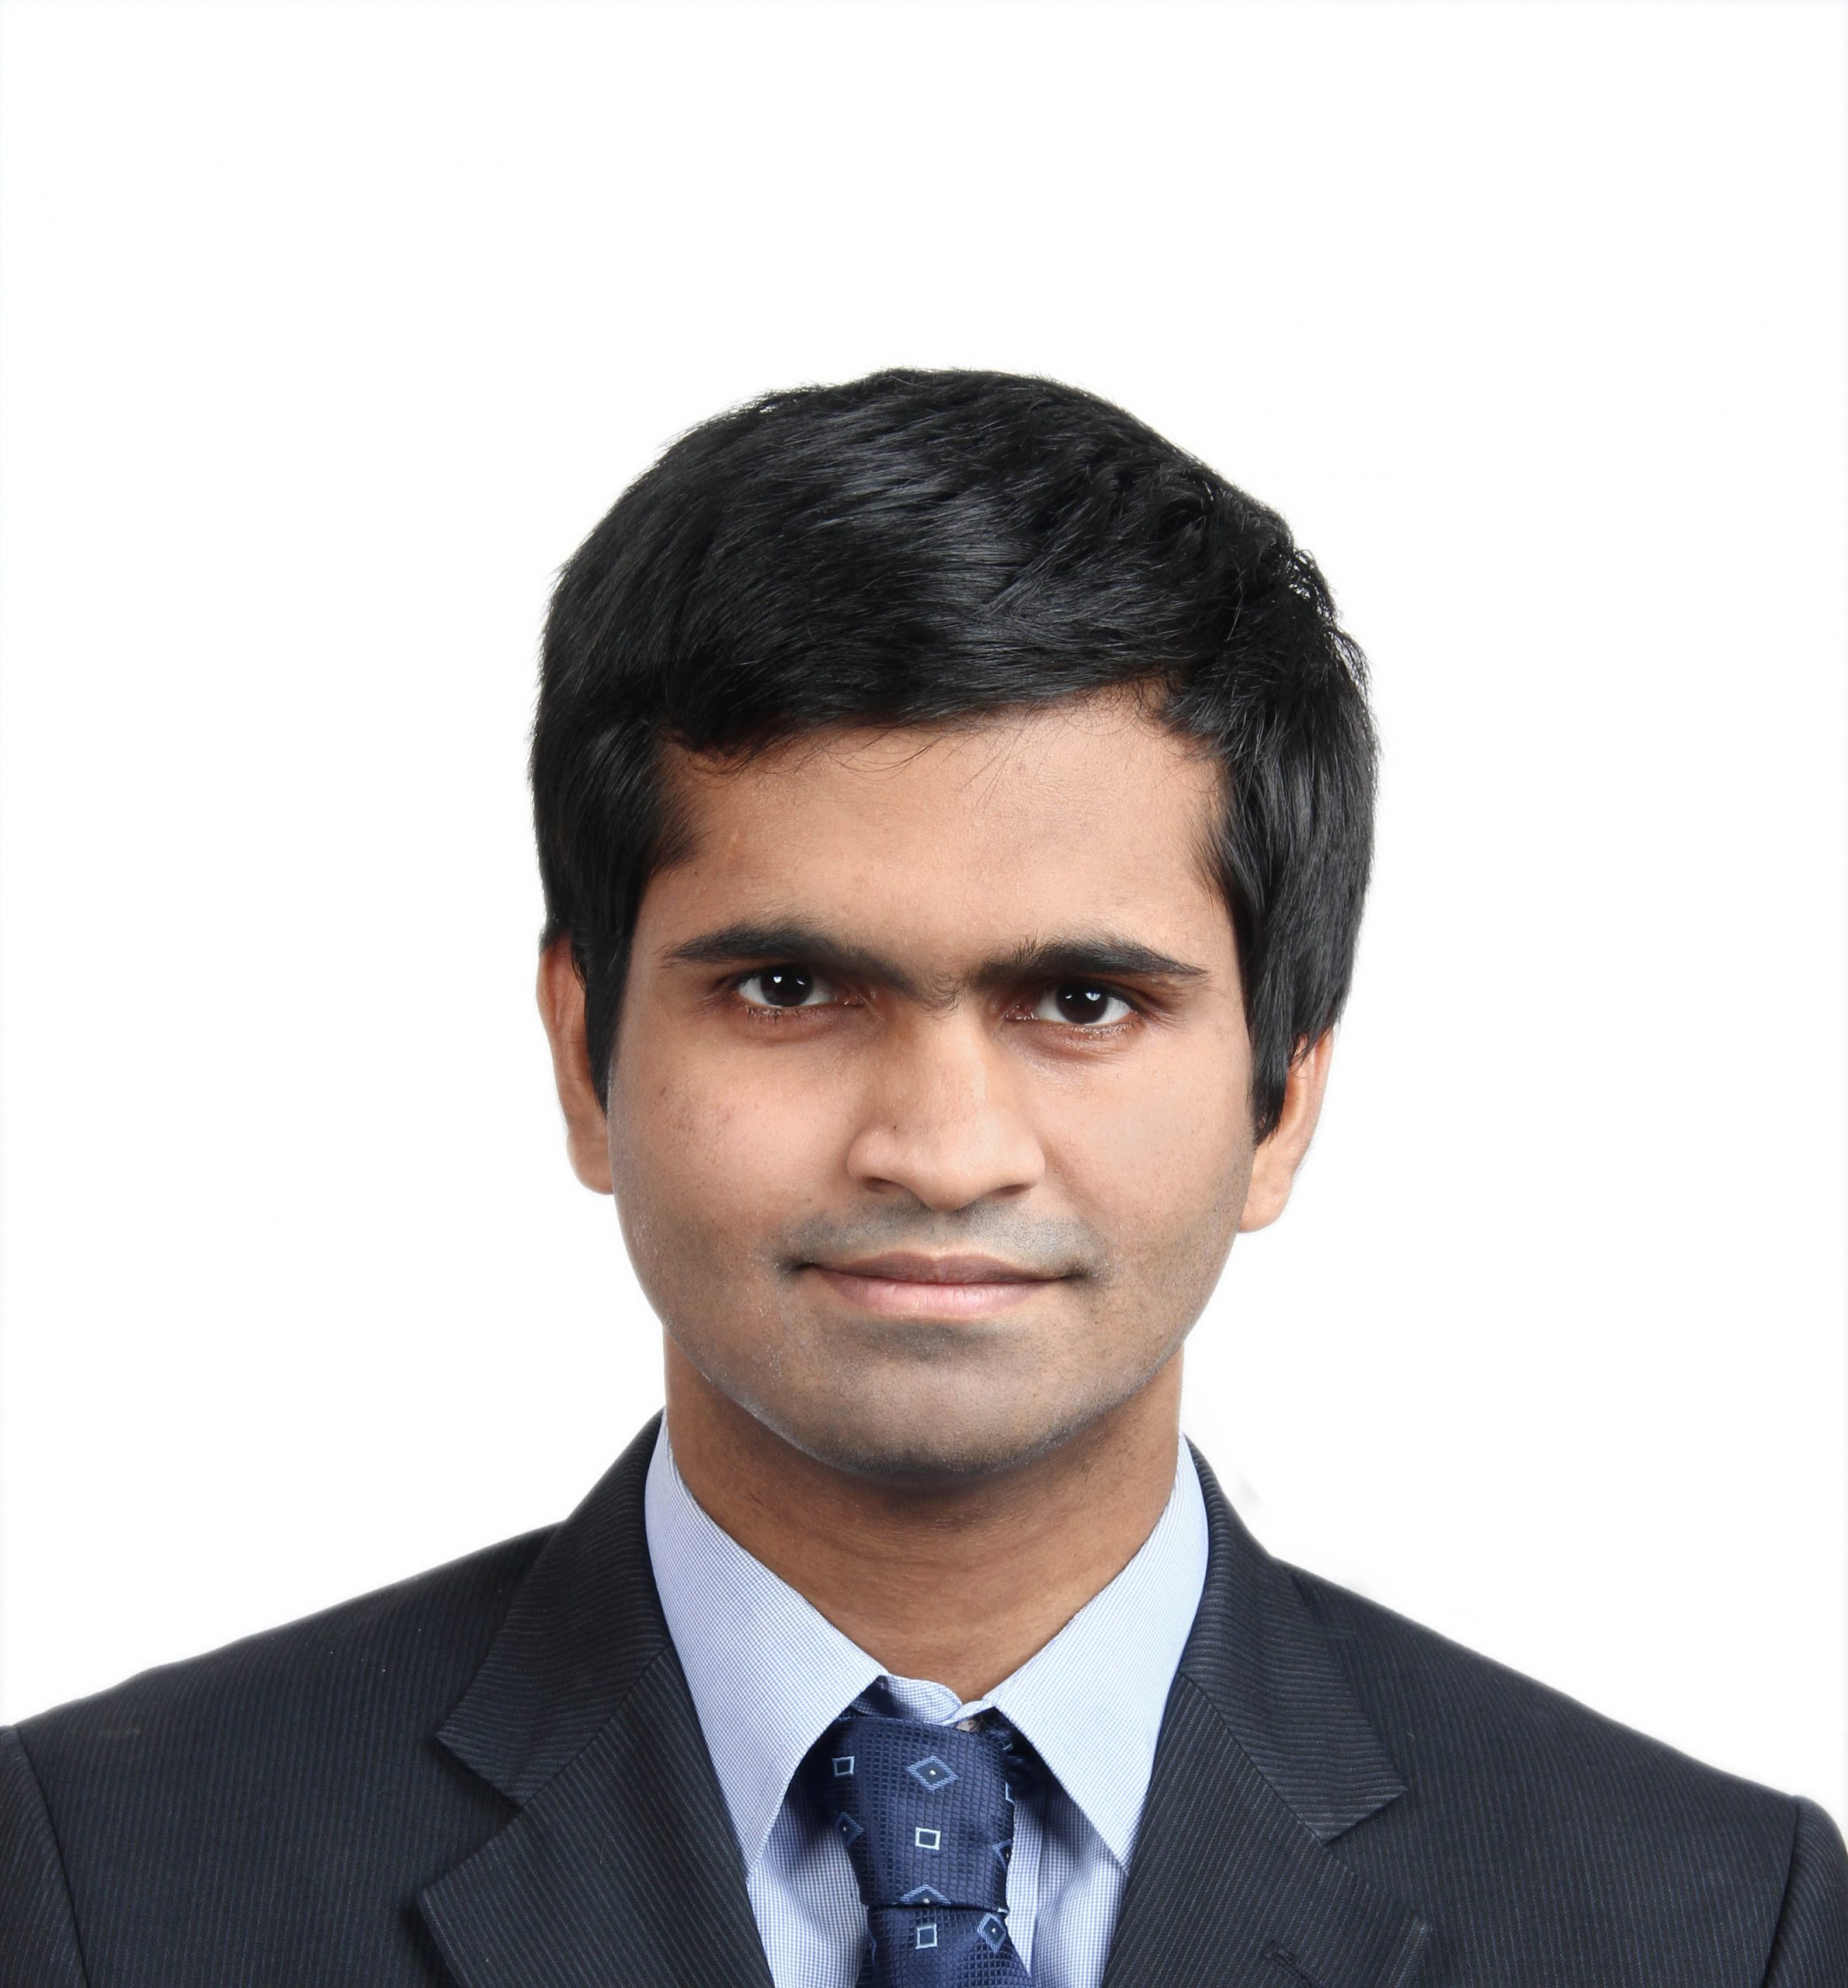 Headshot picture of Srikanth Tangirala